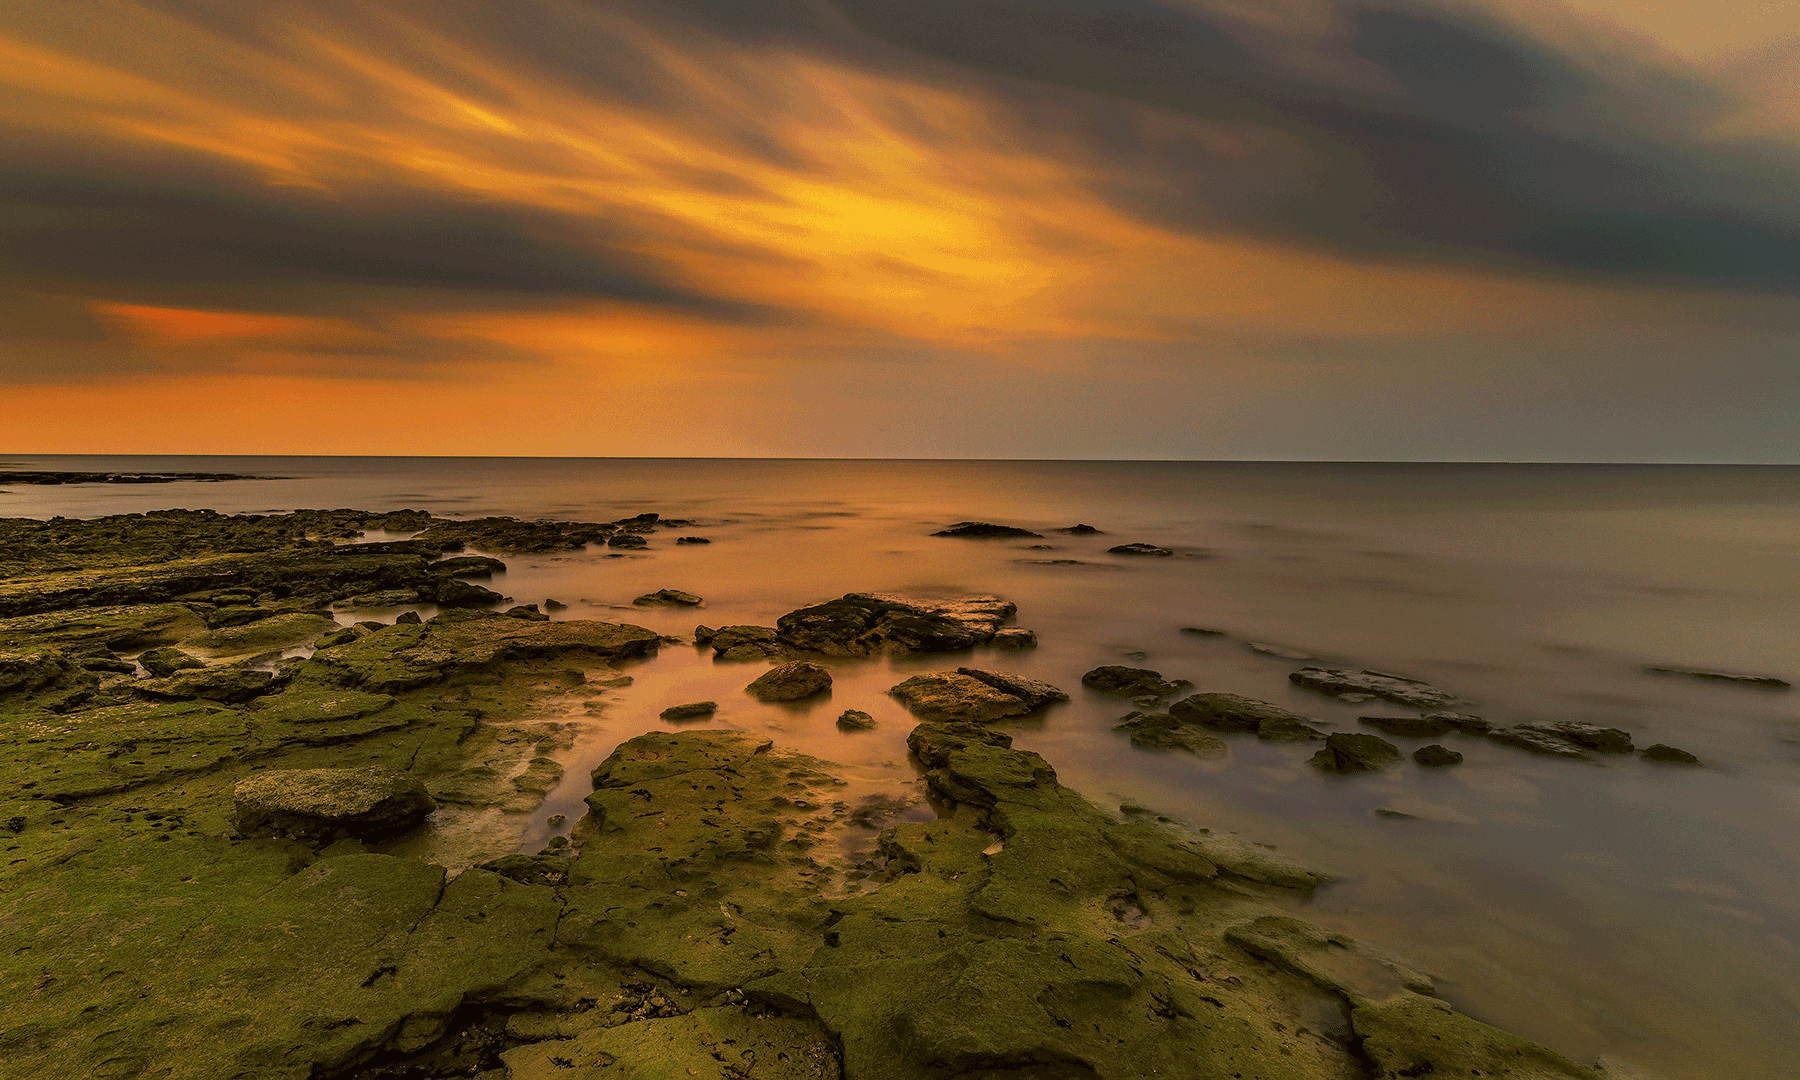 Javani beach - Syed Mahdi Bukhari